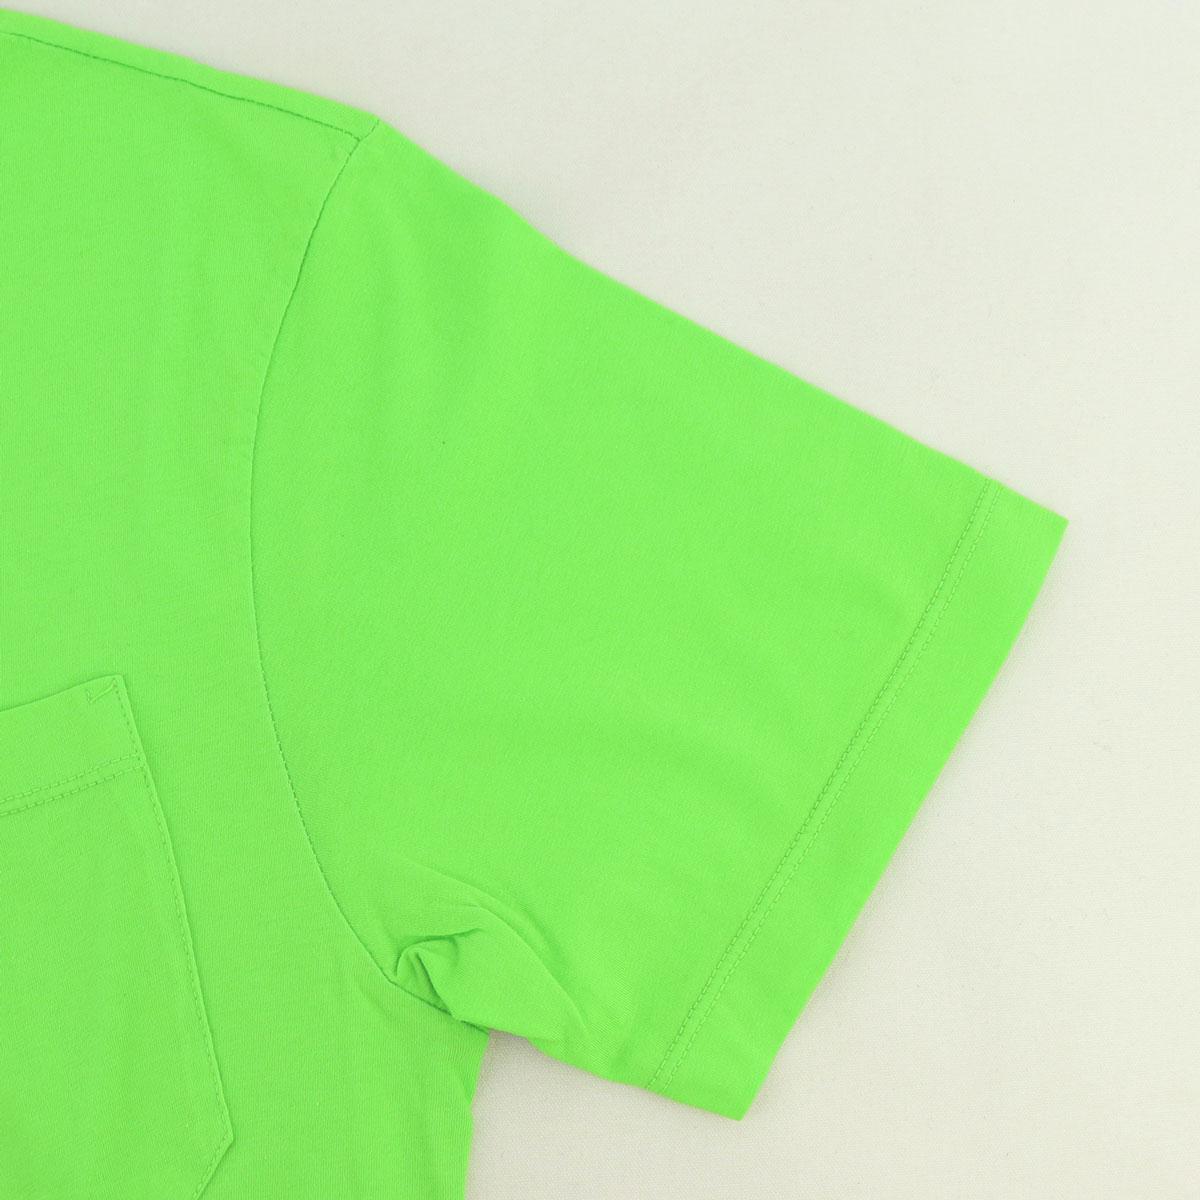 【クリアランスセール 半額以下】ダニエレフィエゾーリ DANIELE FIESOLI メンズ コットン クルーネック 半袖Tシャツ DF7250(グリーン)【返品交換不可】